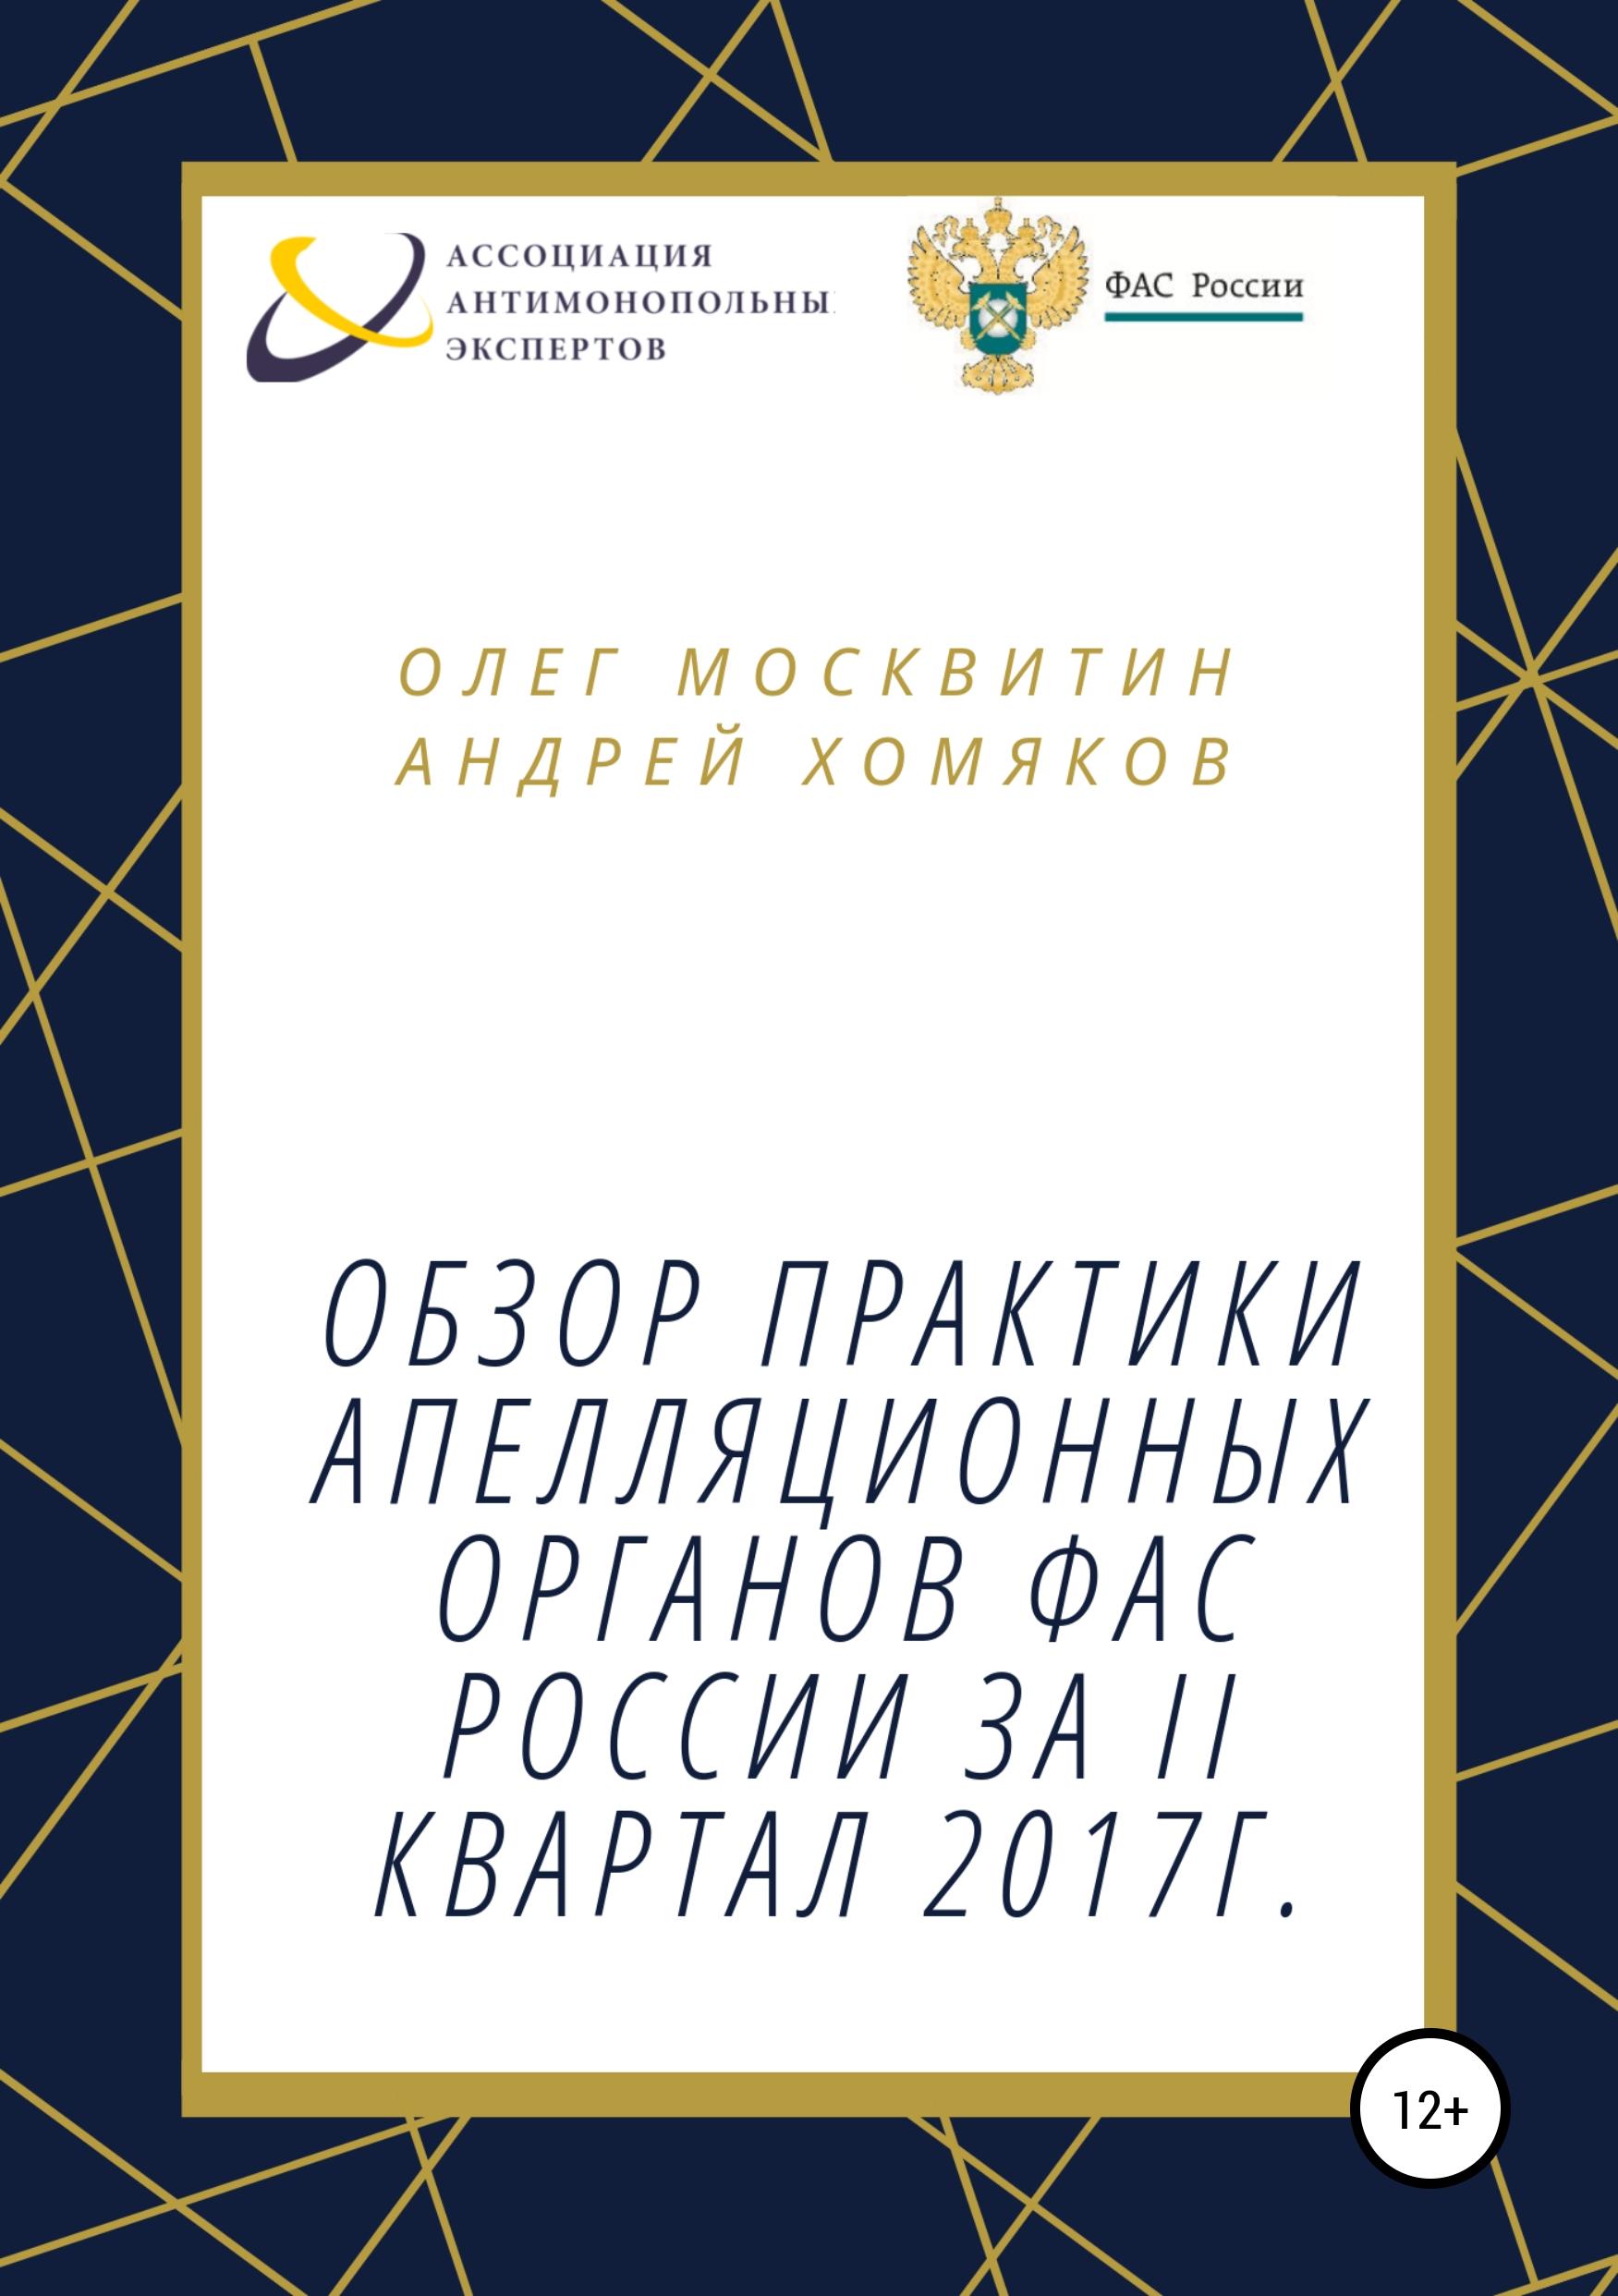 Купить книгу Обзор апелляционной практики ФАС за II квартал 2017 г., автора Андрея Николаевича Хомякова